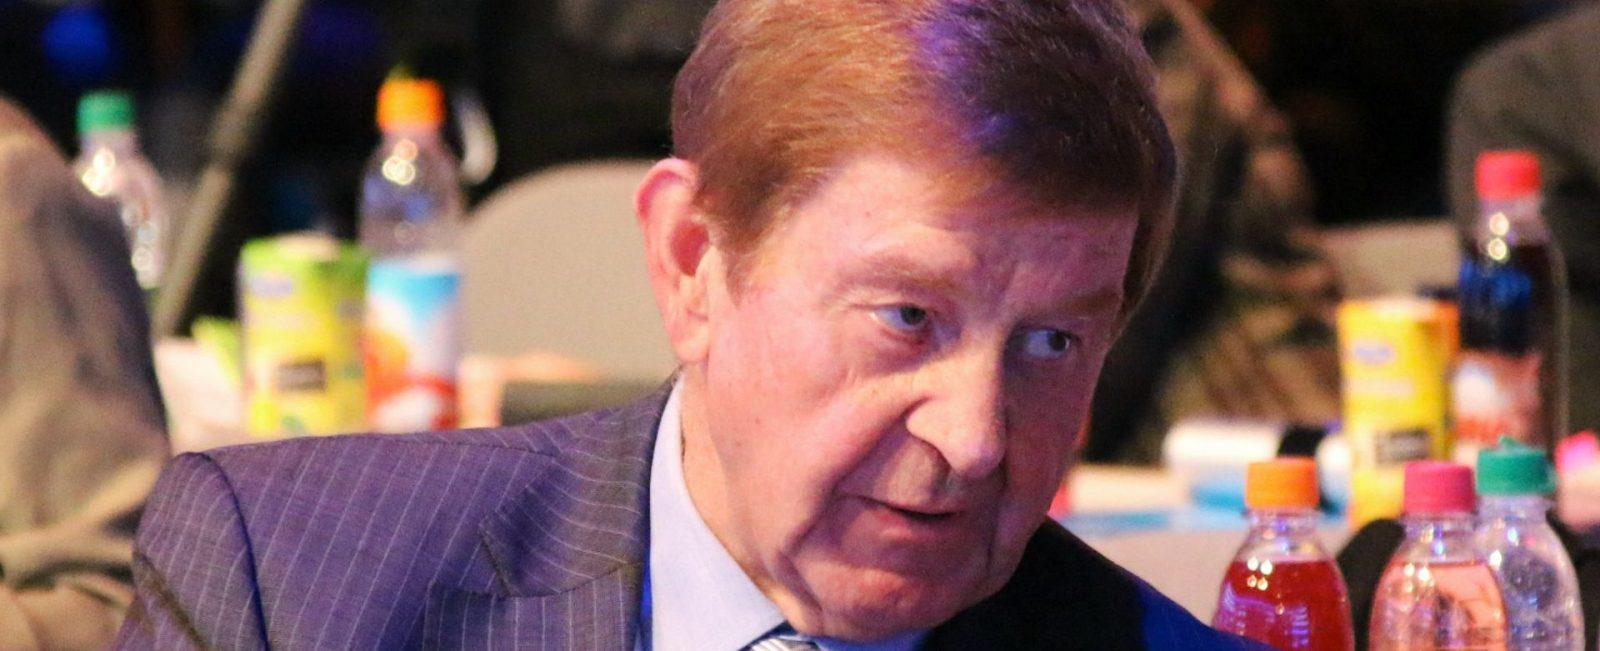 Министр экономики, транспорта и технологии земли Бавария доктор Отто Висхой